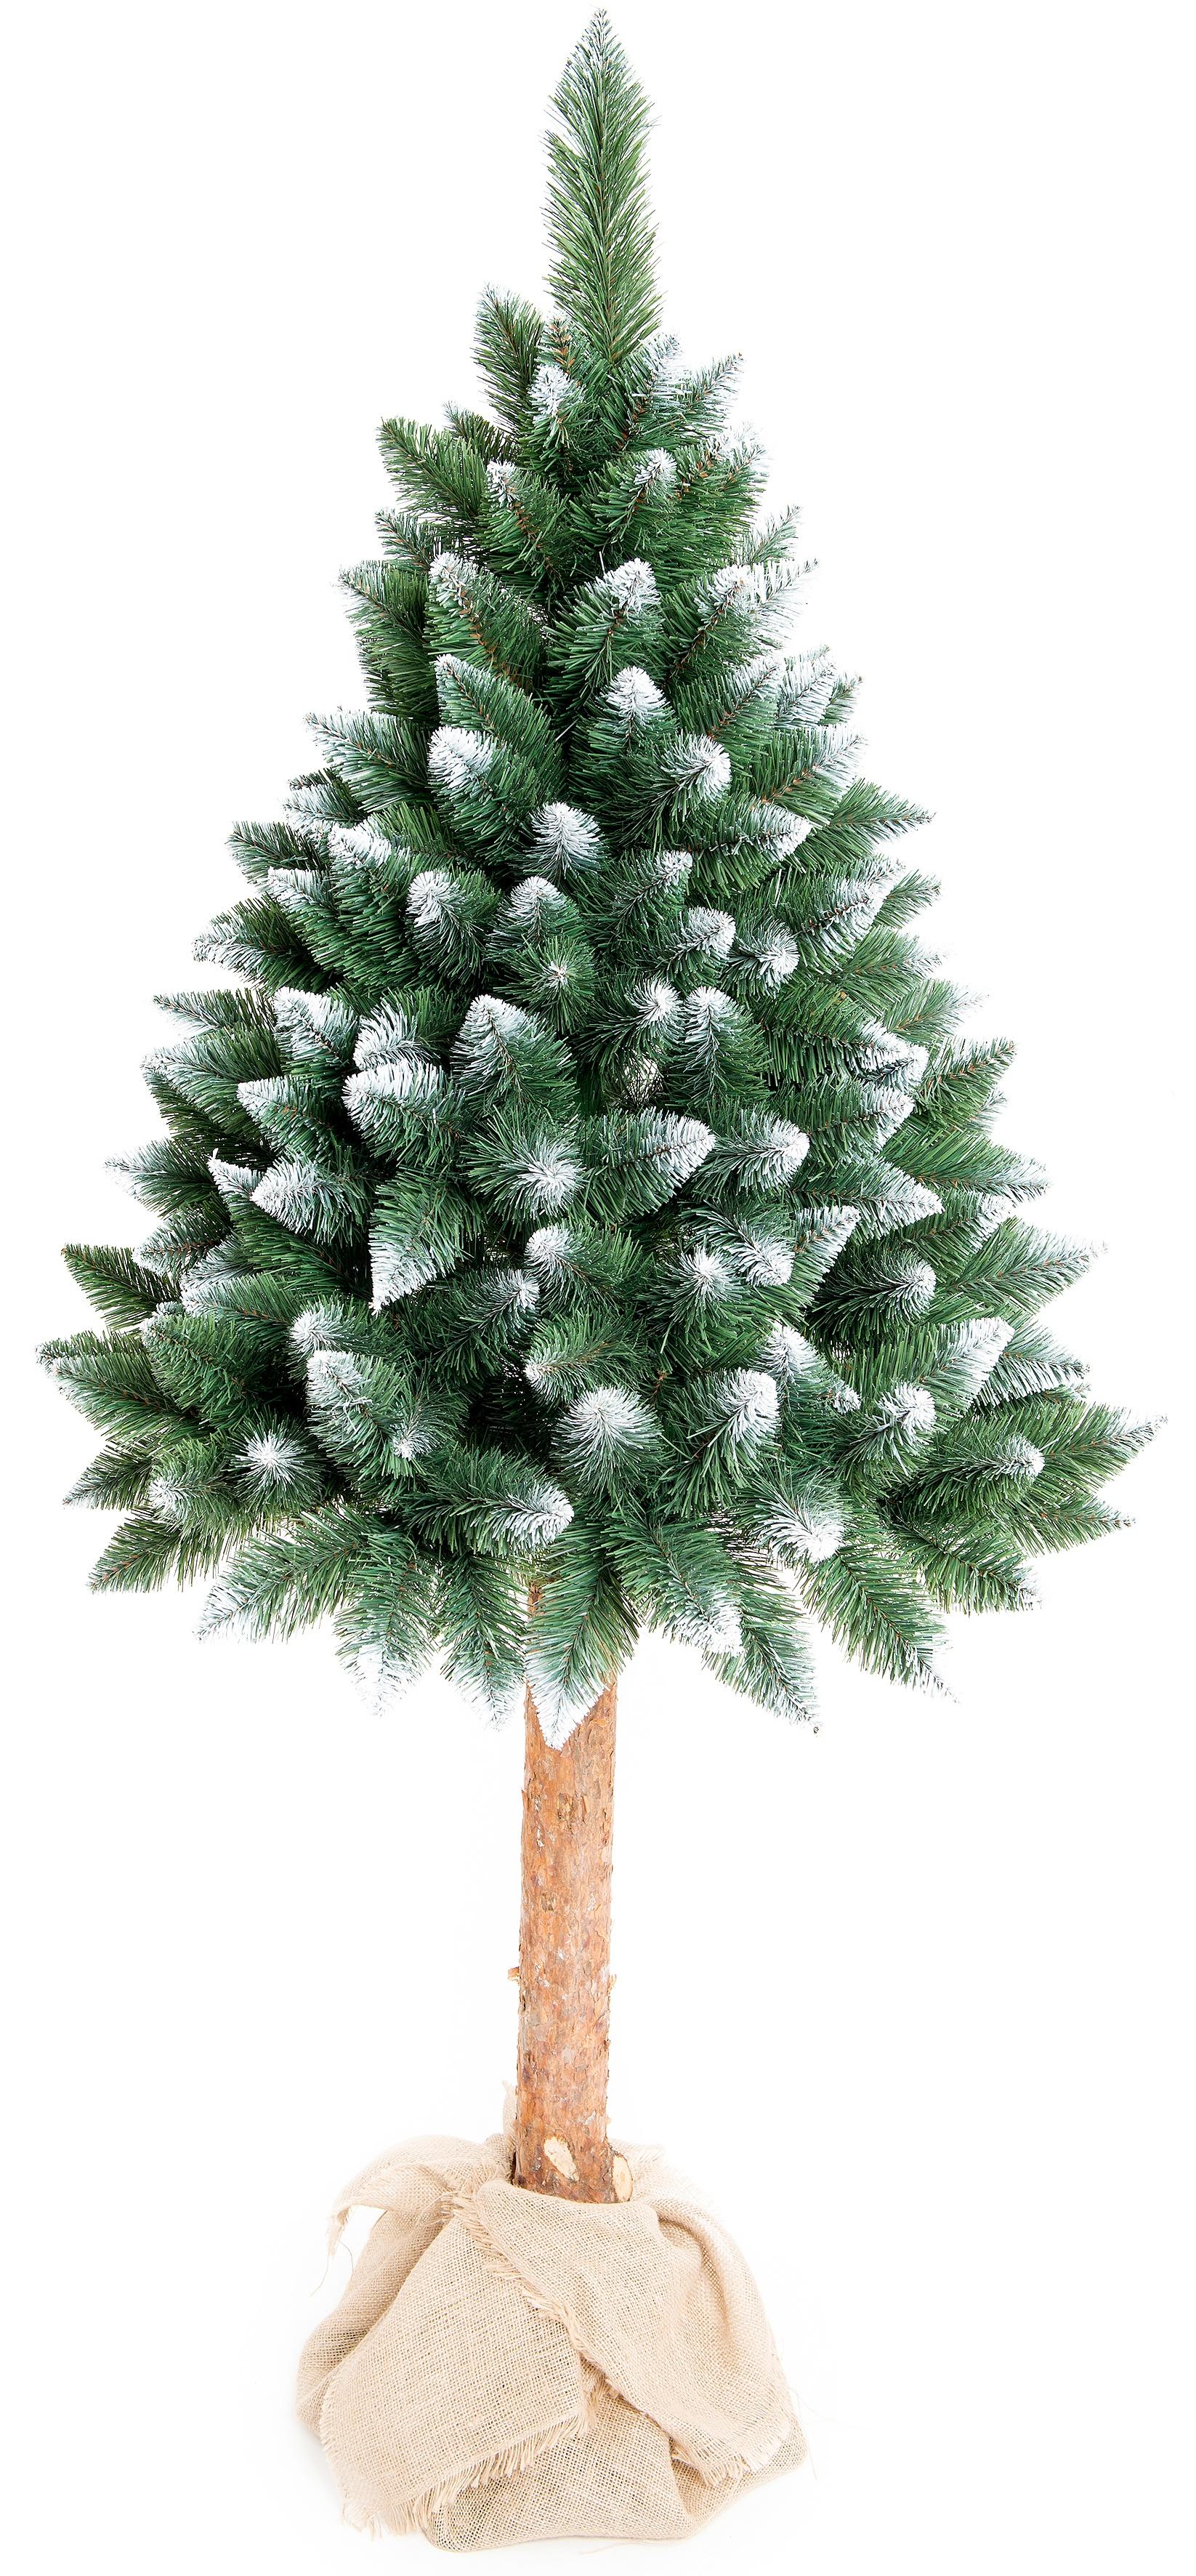 Aga Vánoční stromeček 220 cm s kmenem